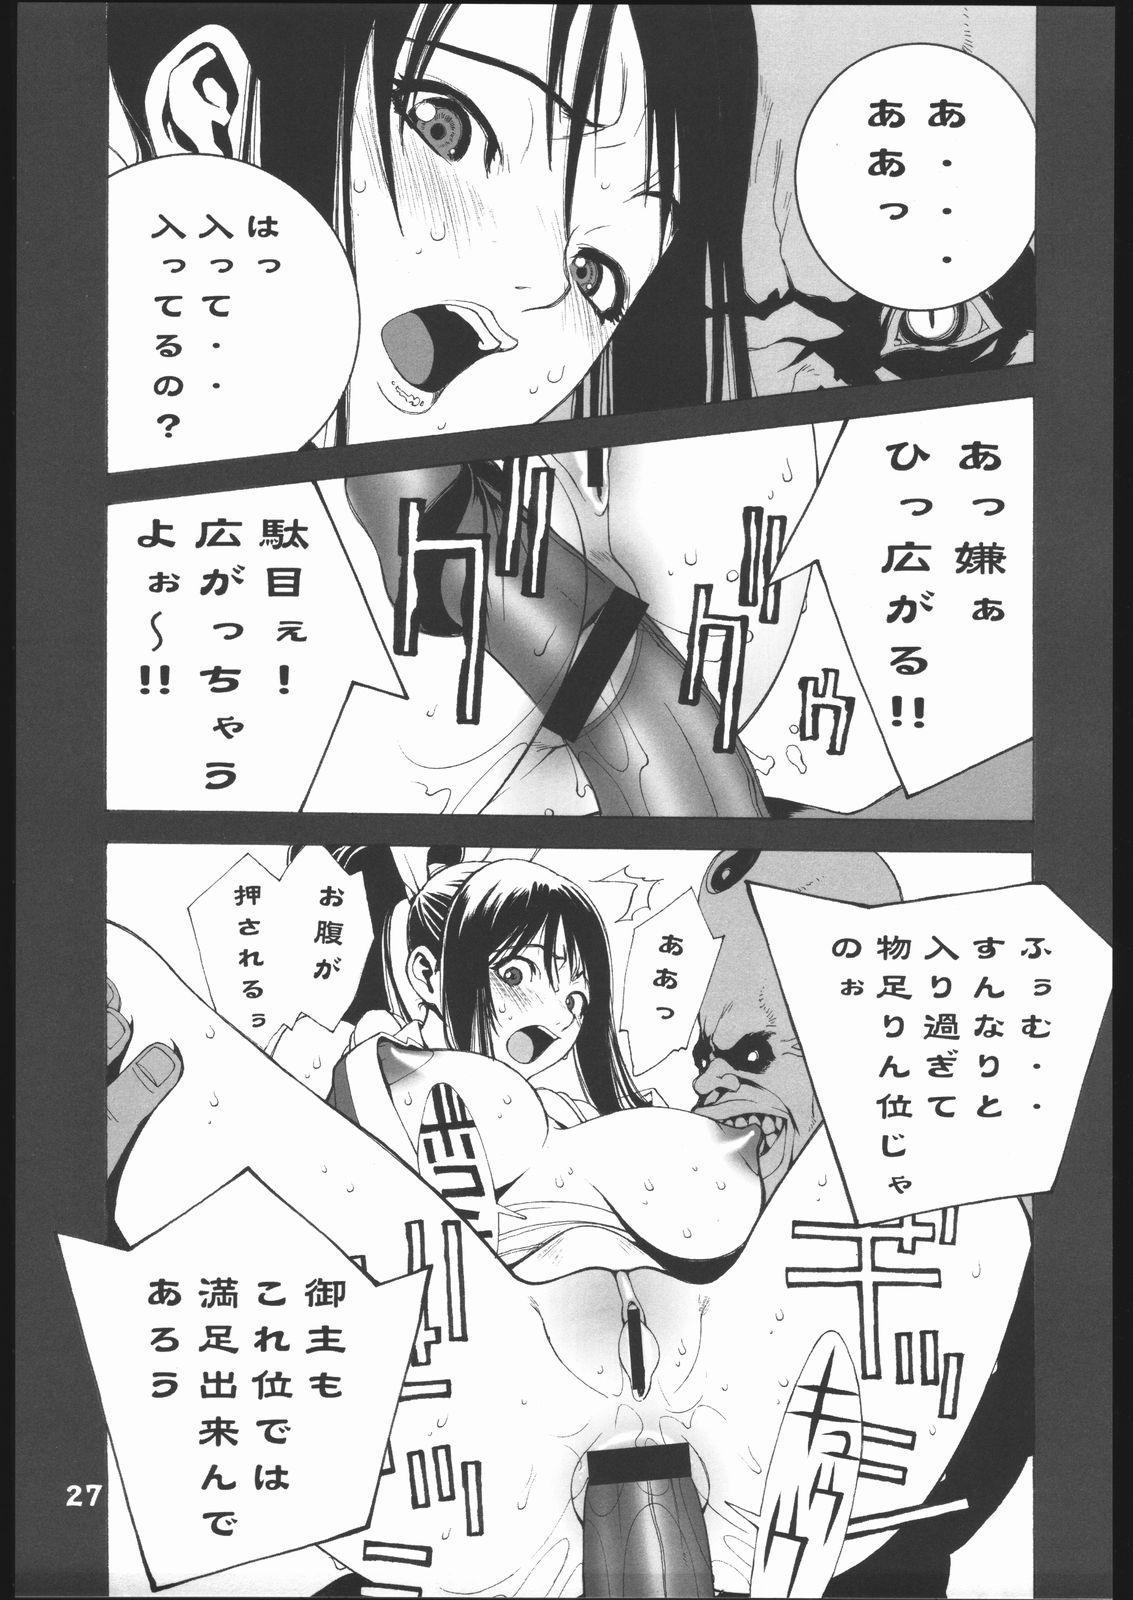 Shiranui Futatsu 27